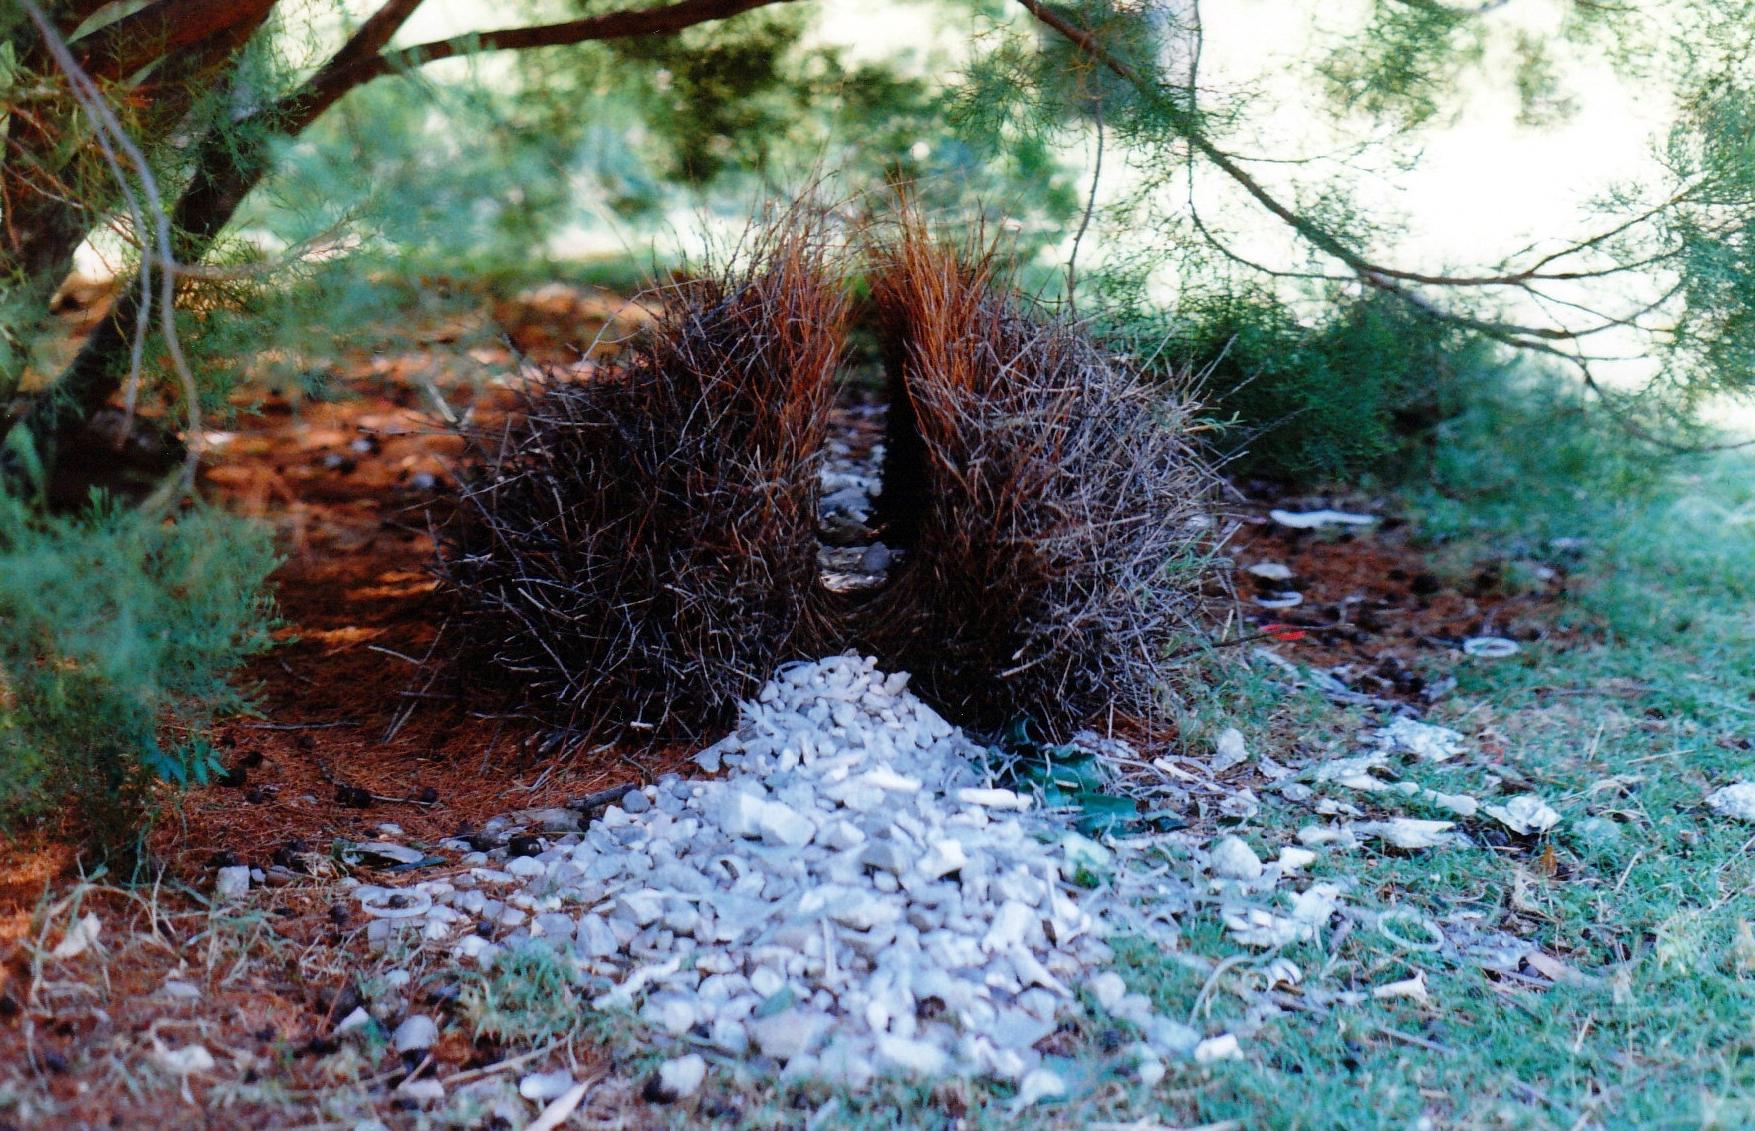 10-09-1998 03 great bower bird bower diggers rest.jpg